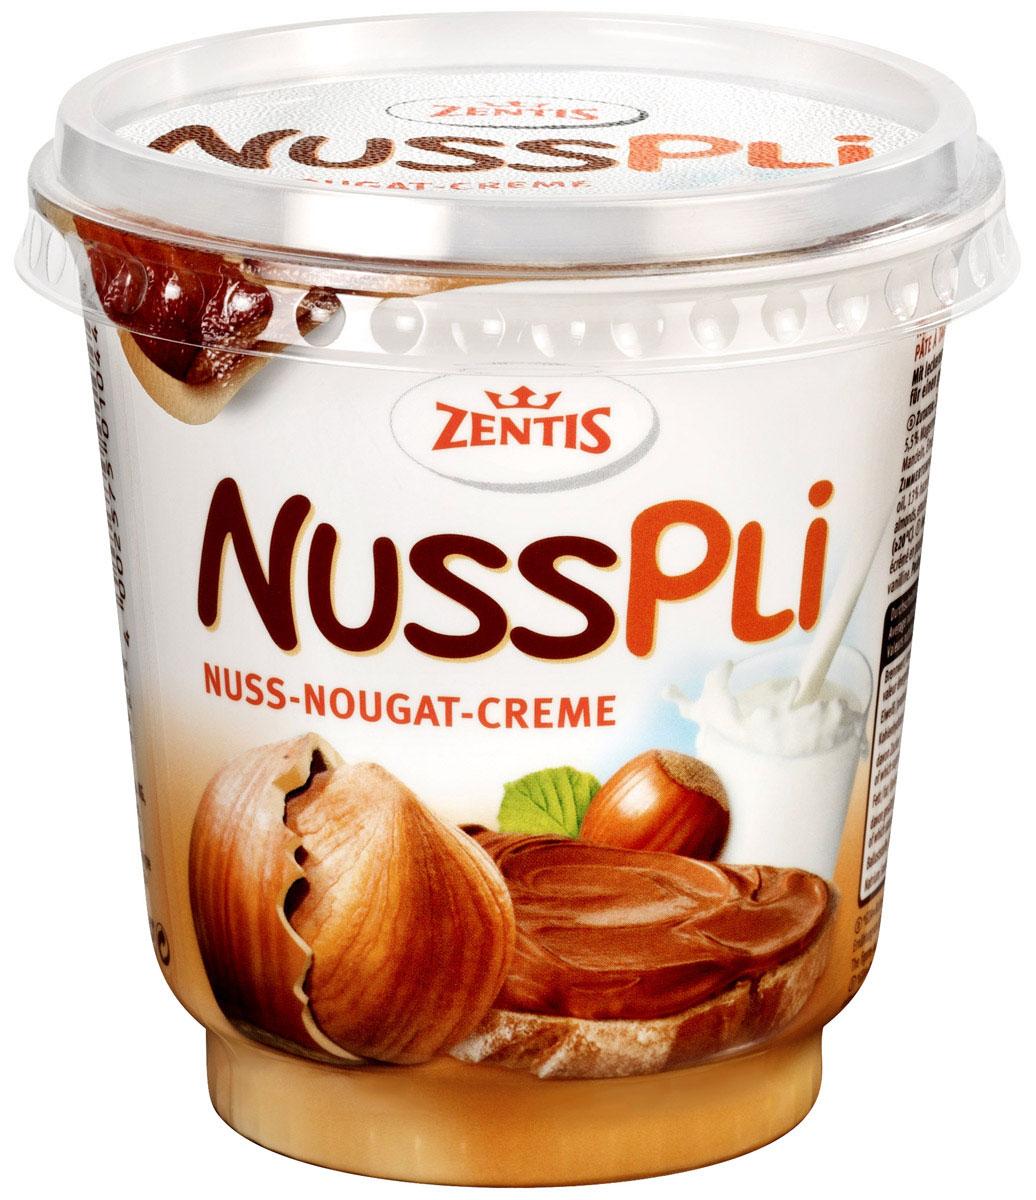 Zentis Nusspli ореховая паста с добавлением какао, 400 г пудовъ ржаной хлеб с клюквой и анисом 500 г